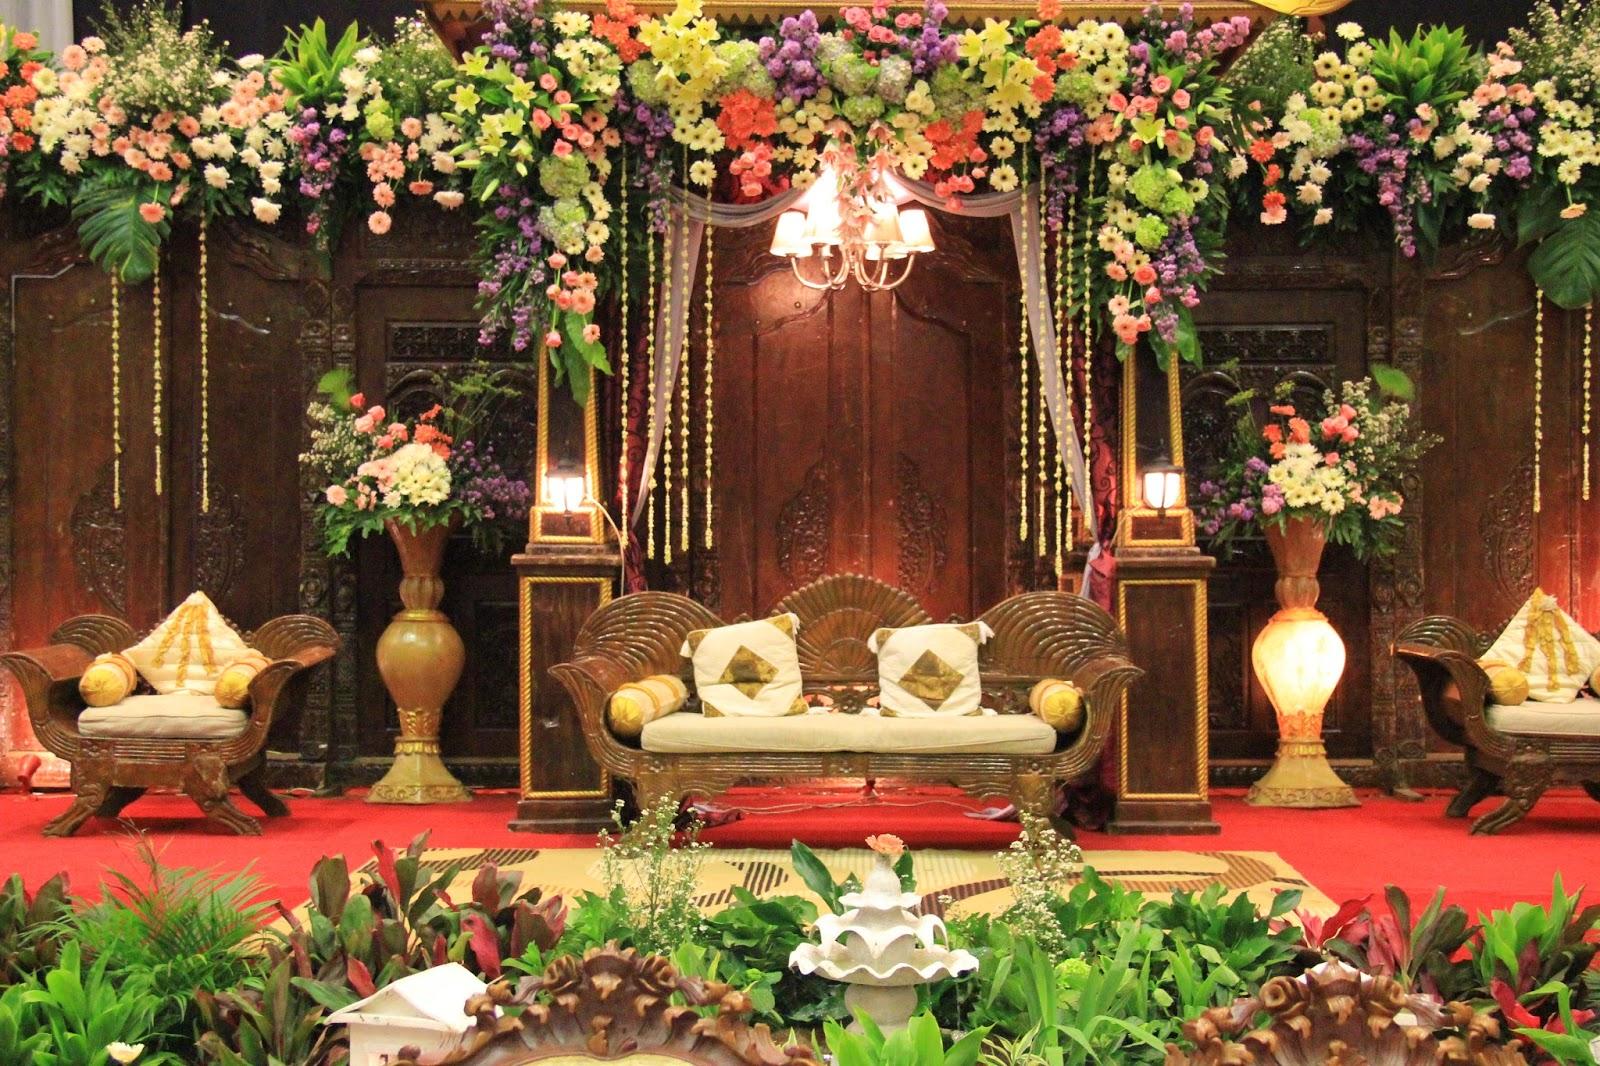 dekorasi tradisional